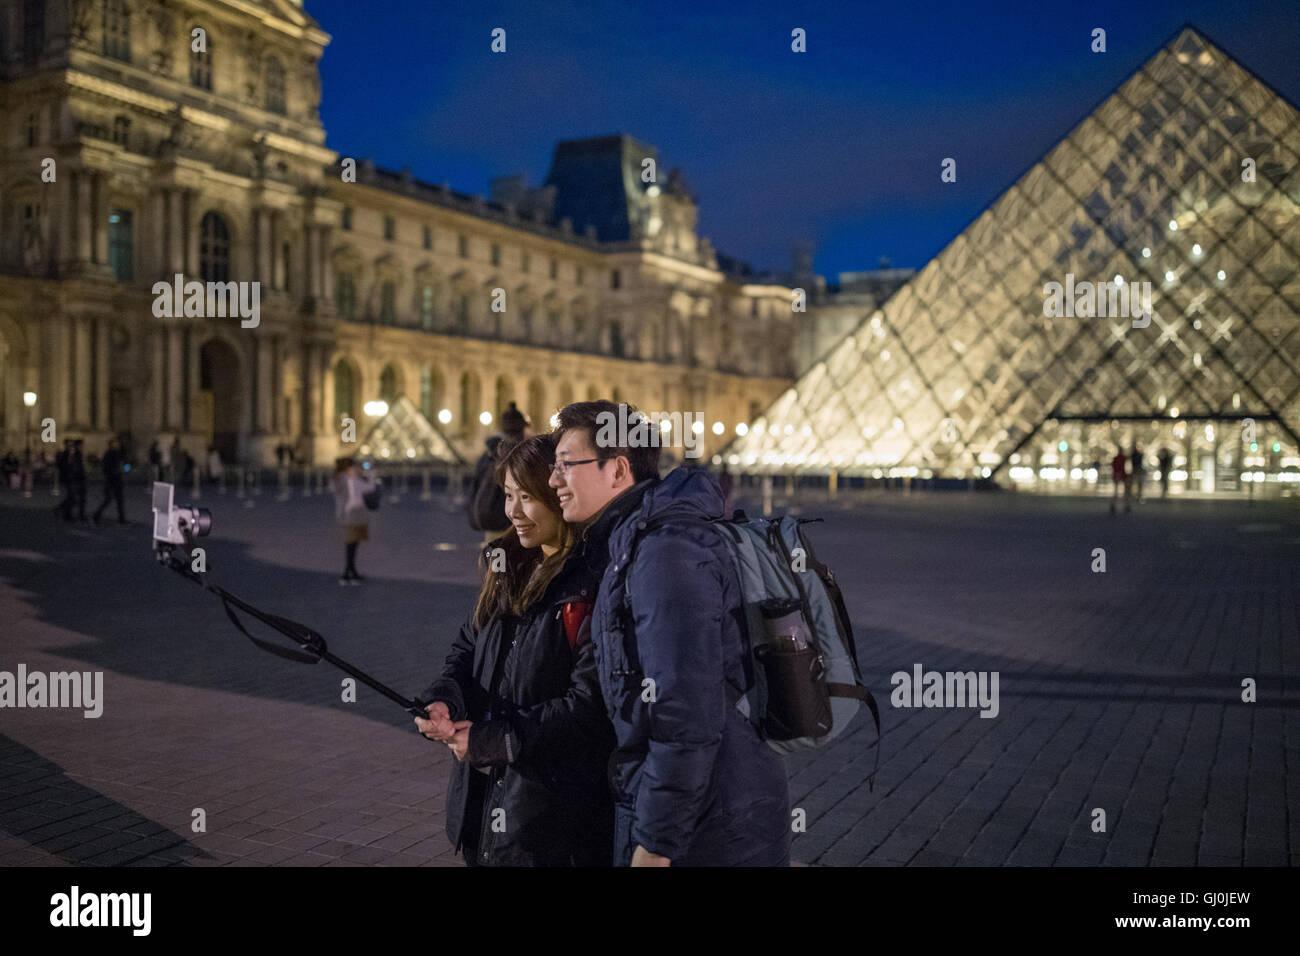 tourists taking  a Selfie at the Palais du Louvre at dusk, Paris, France - Stock Image